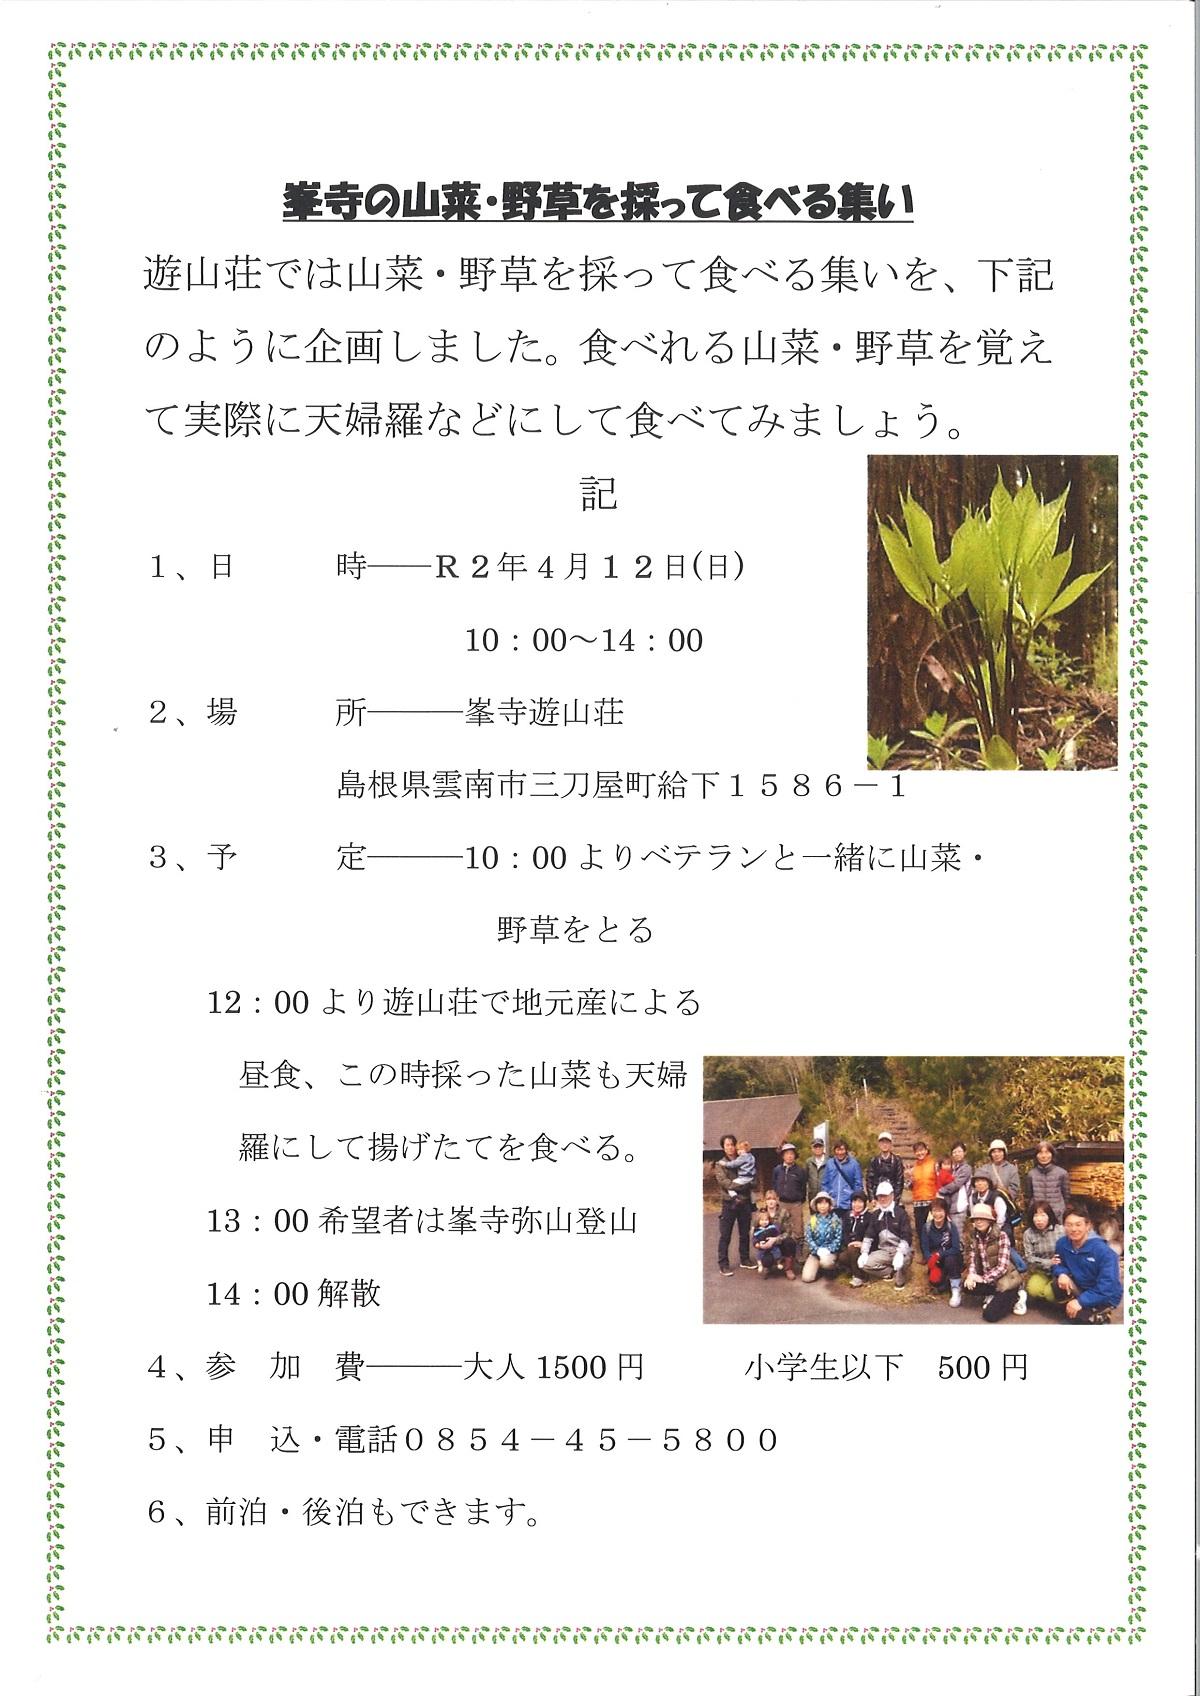 峯寺の山菜・野草を採って食べる集い